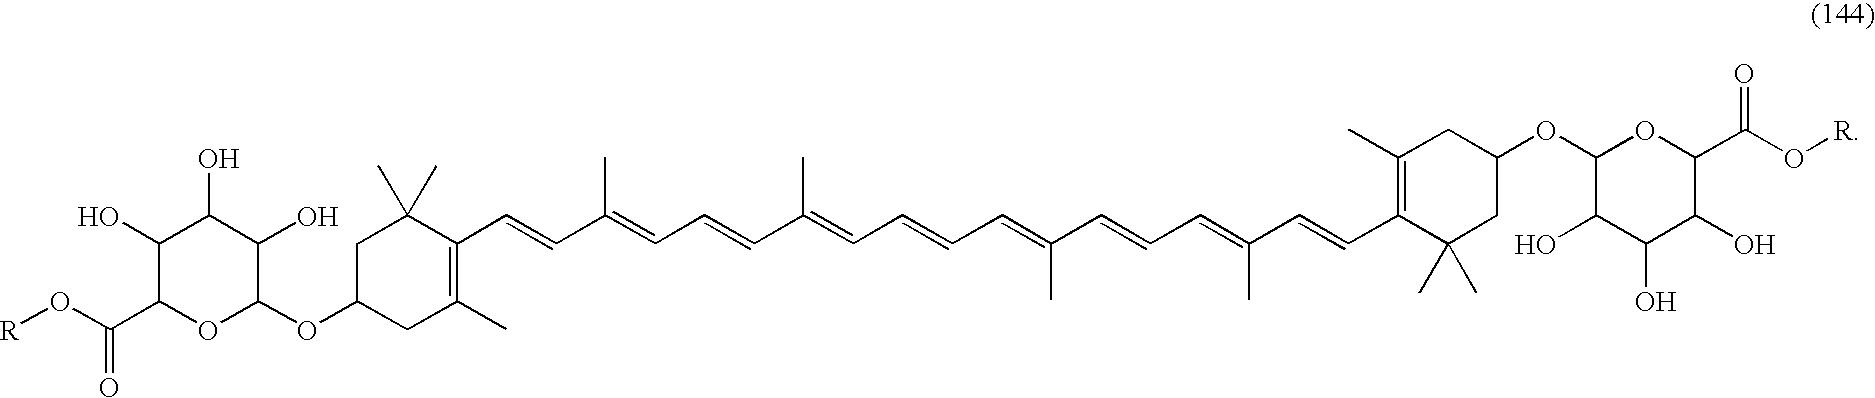 Figure US07691901-20100406-C00040